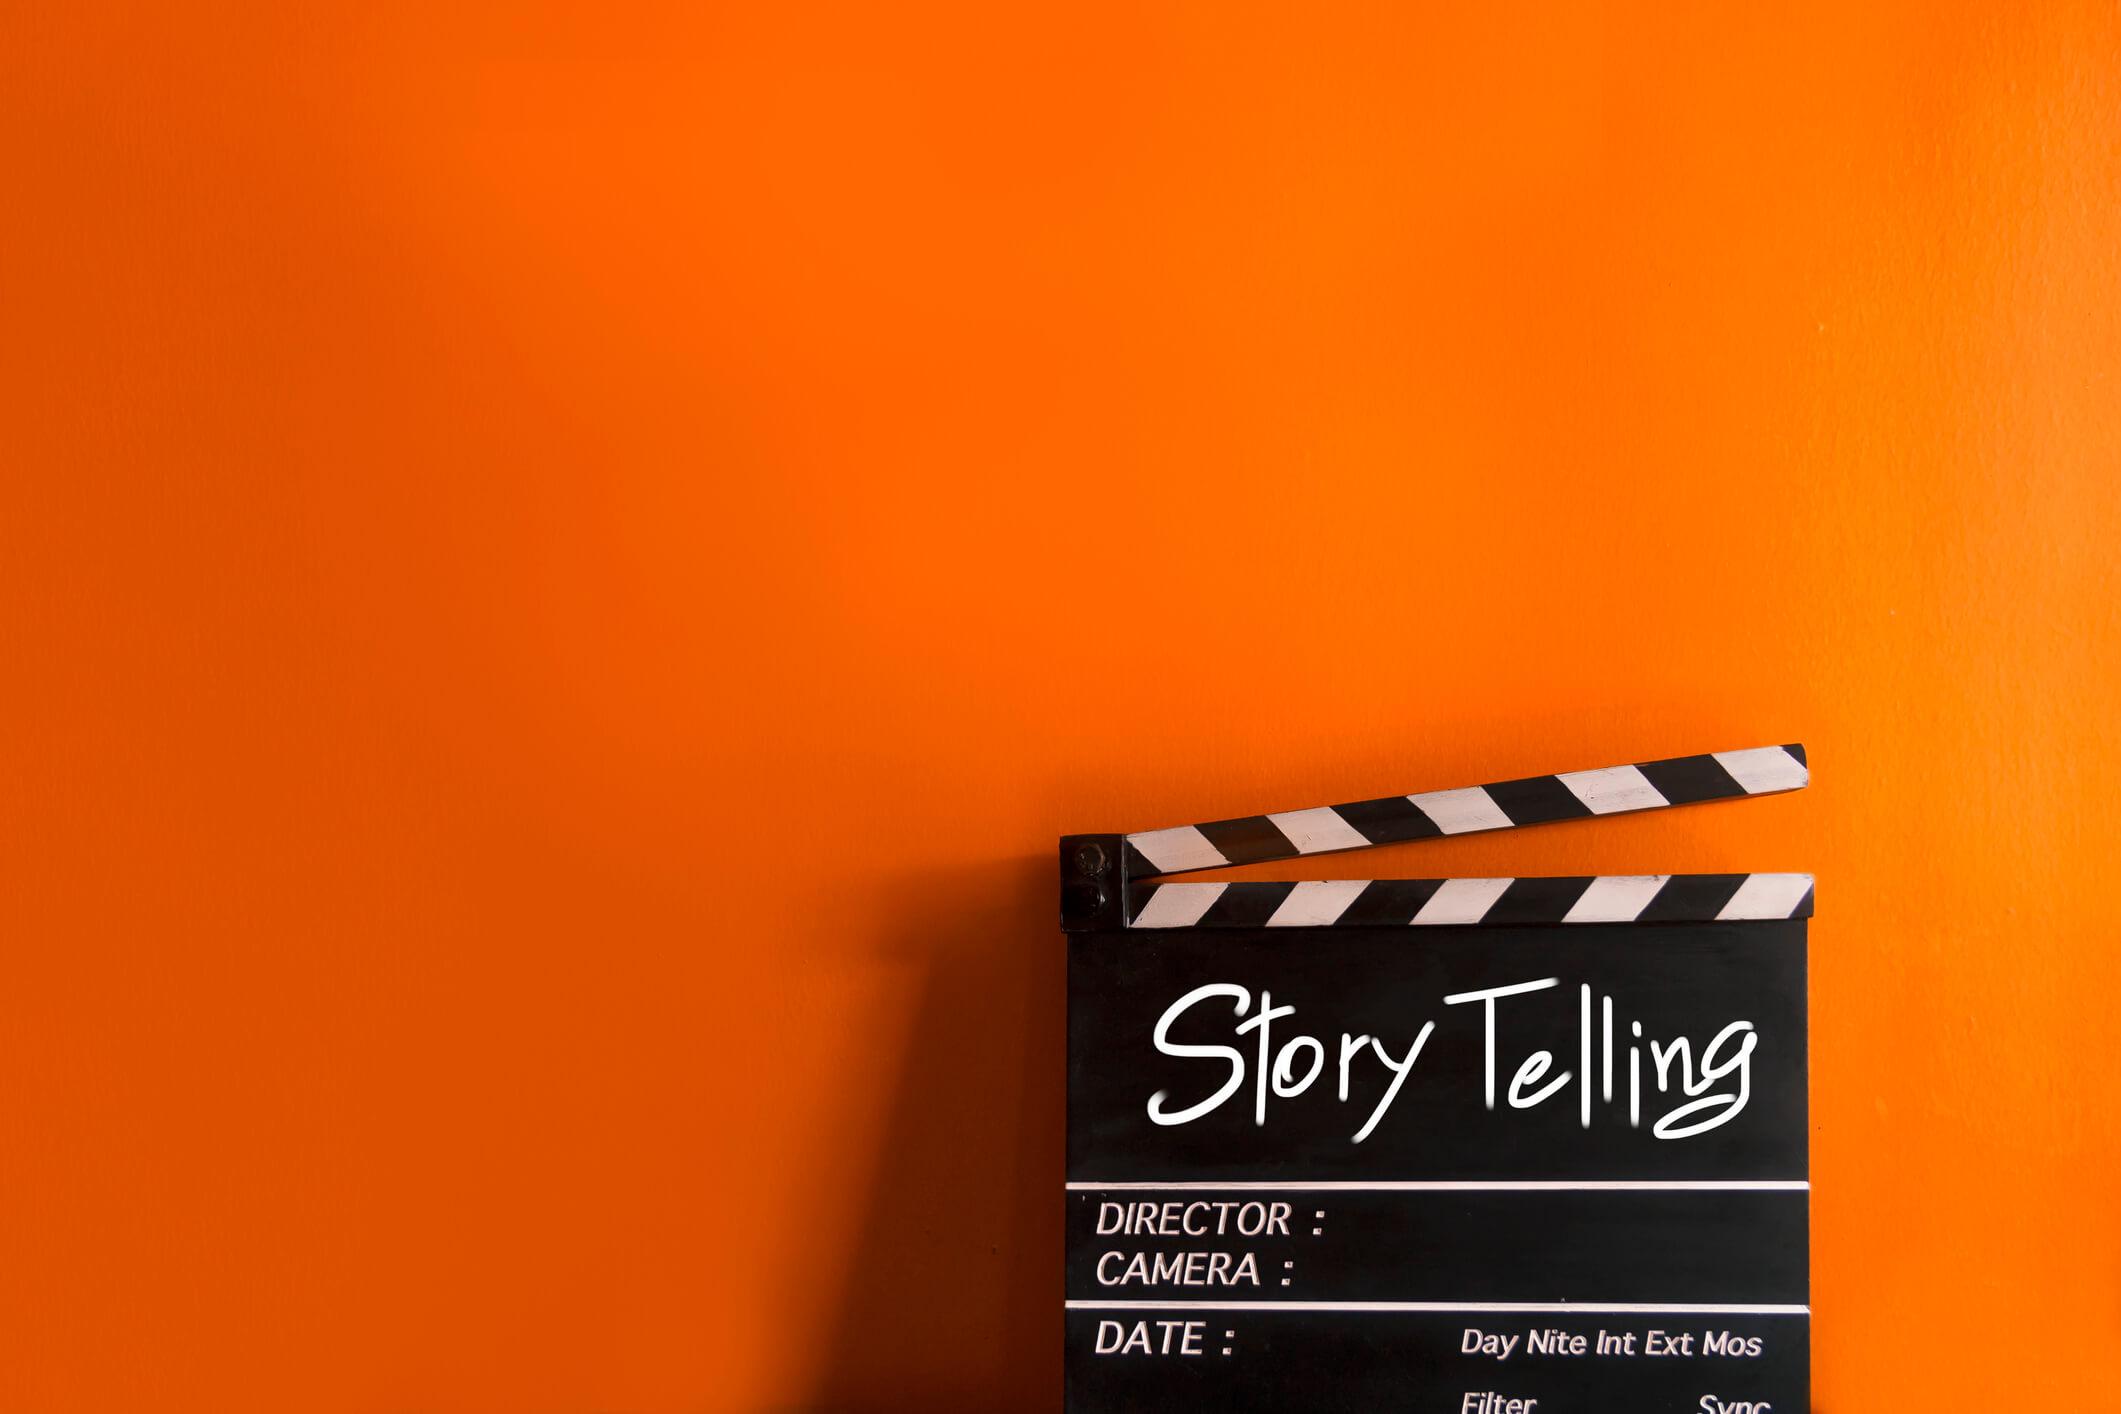 quer-saber-como-fazer-storytelling-considere-3-boas-praticas.jpeg